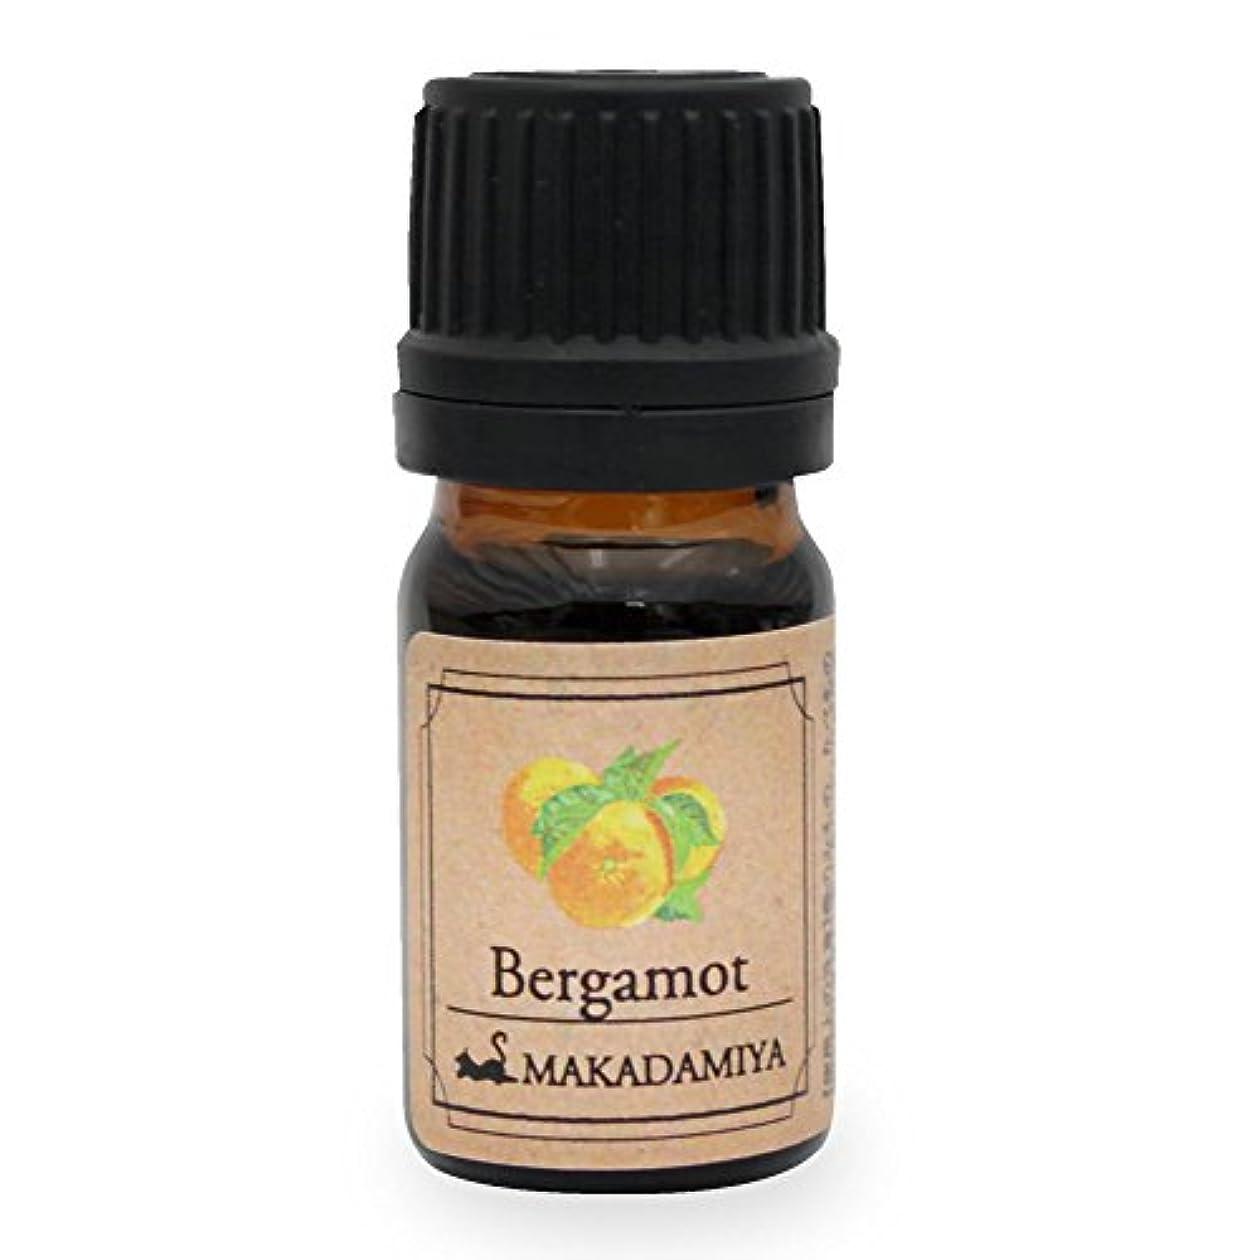 描くエクスタシー心臓ベルガモット5ml 天然100%植物性 エッセンシャルオイル(精油) アロマオイル アロママッサージ aroma Bergamot